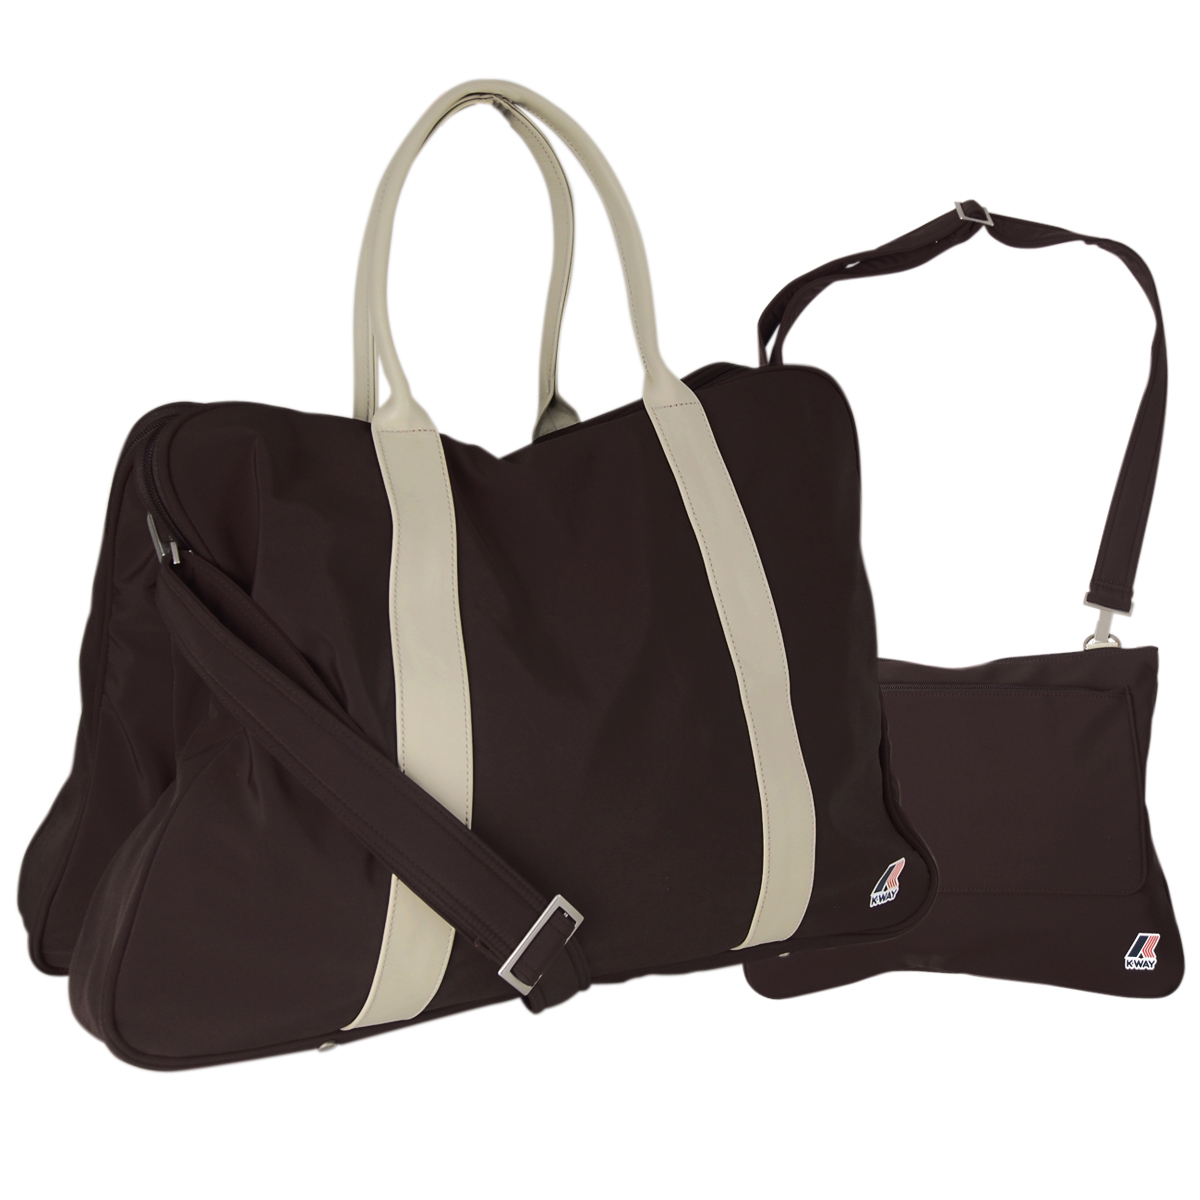 Nascono le nuove borse e accessori K-Way con Tichebox